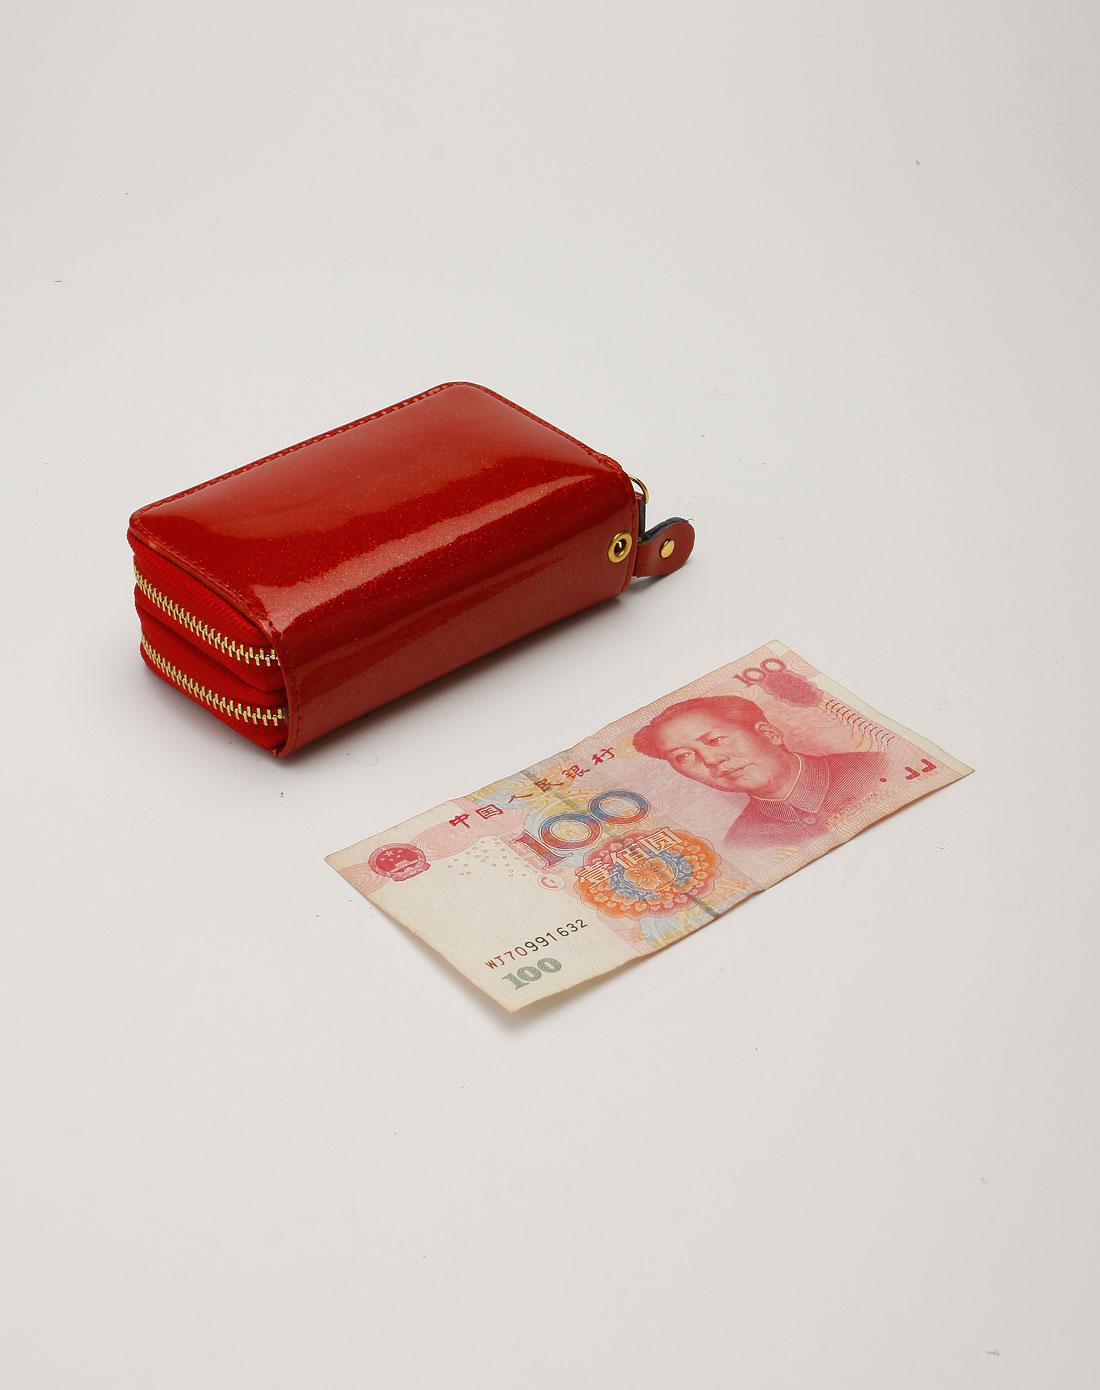 诗薇儿svale红色闪烁双拉链钥匙零钱包